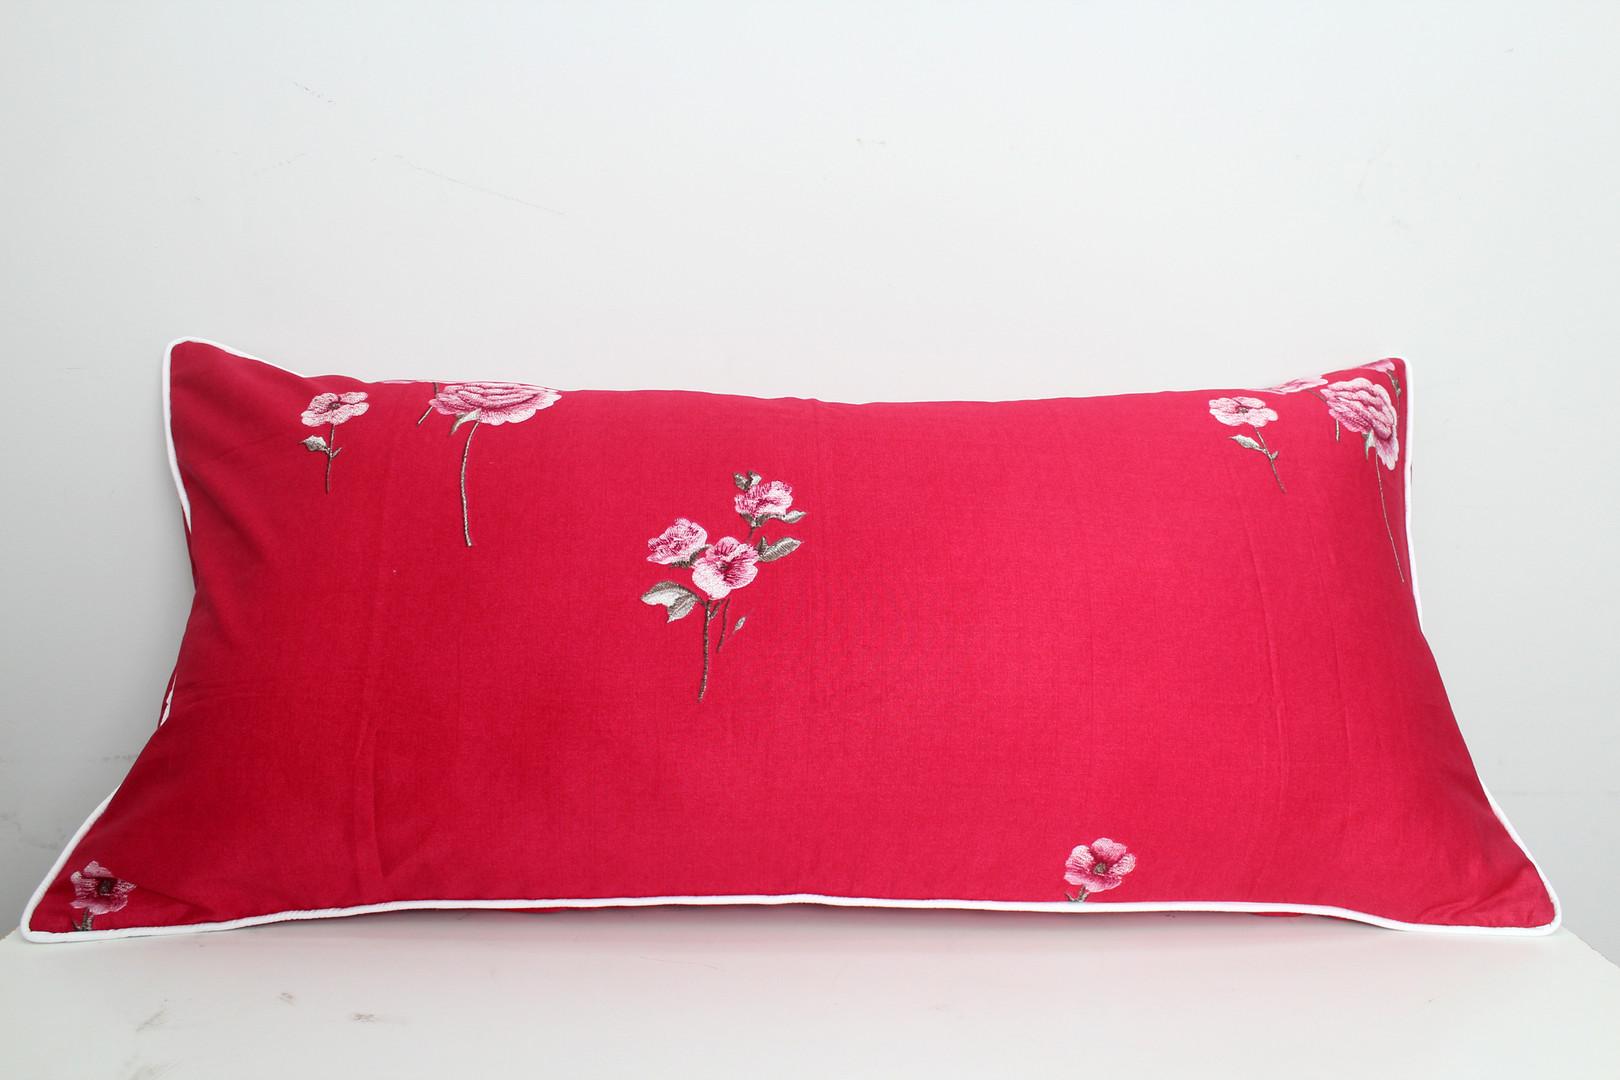 sarung cinta bunga merah.jpg